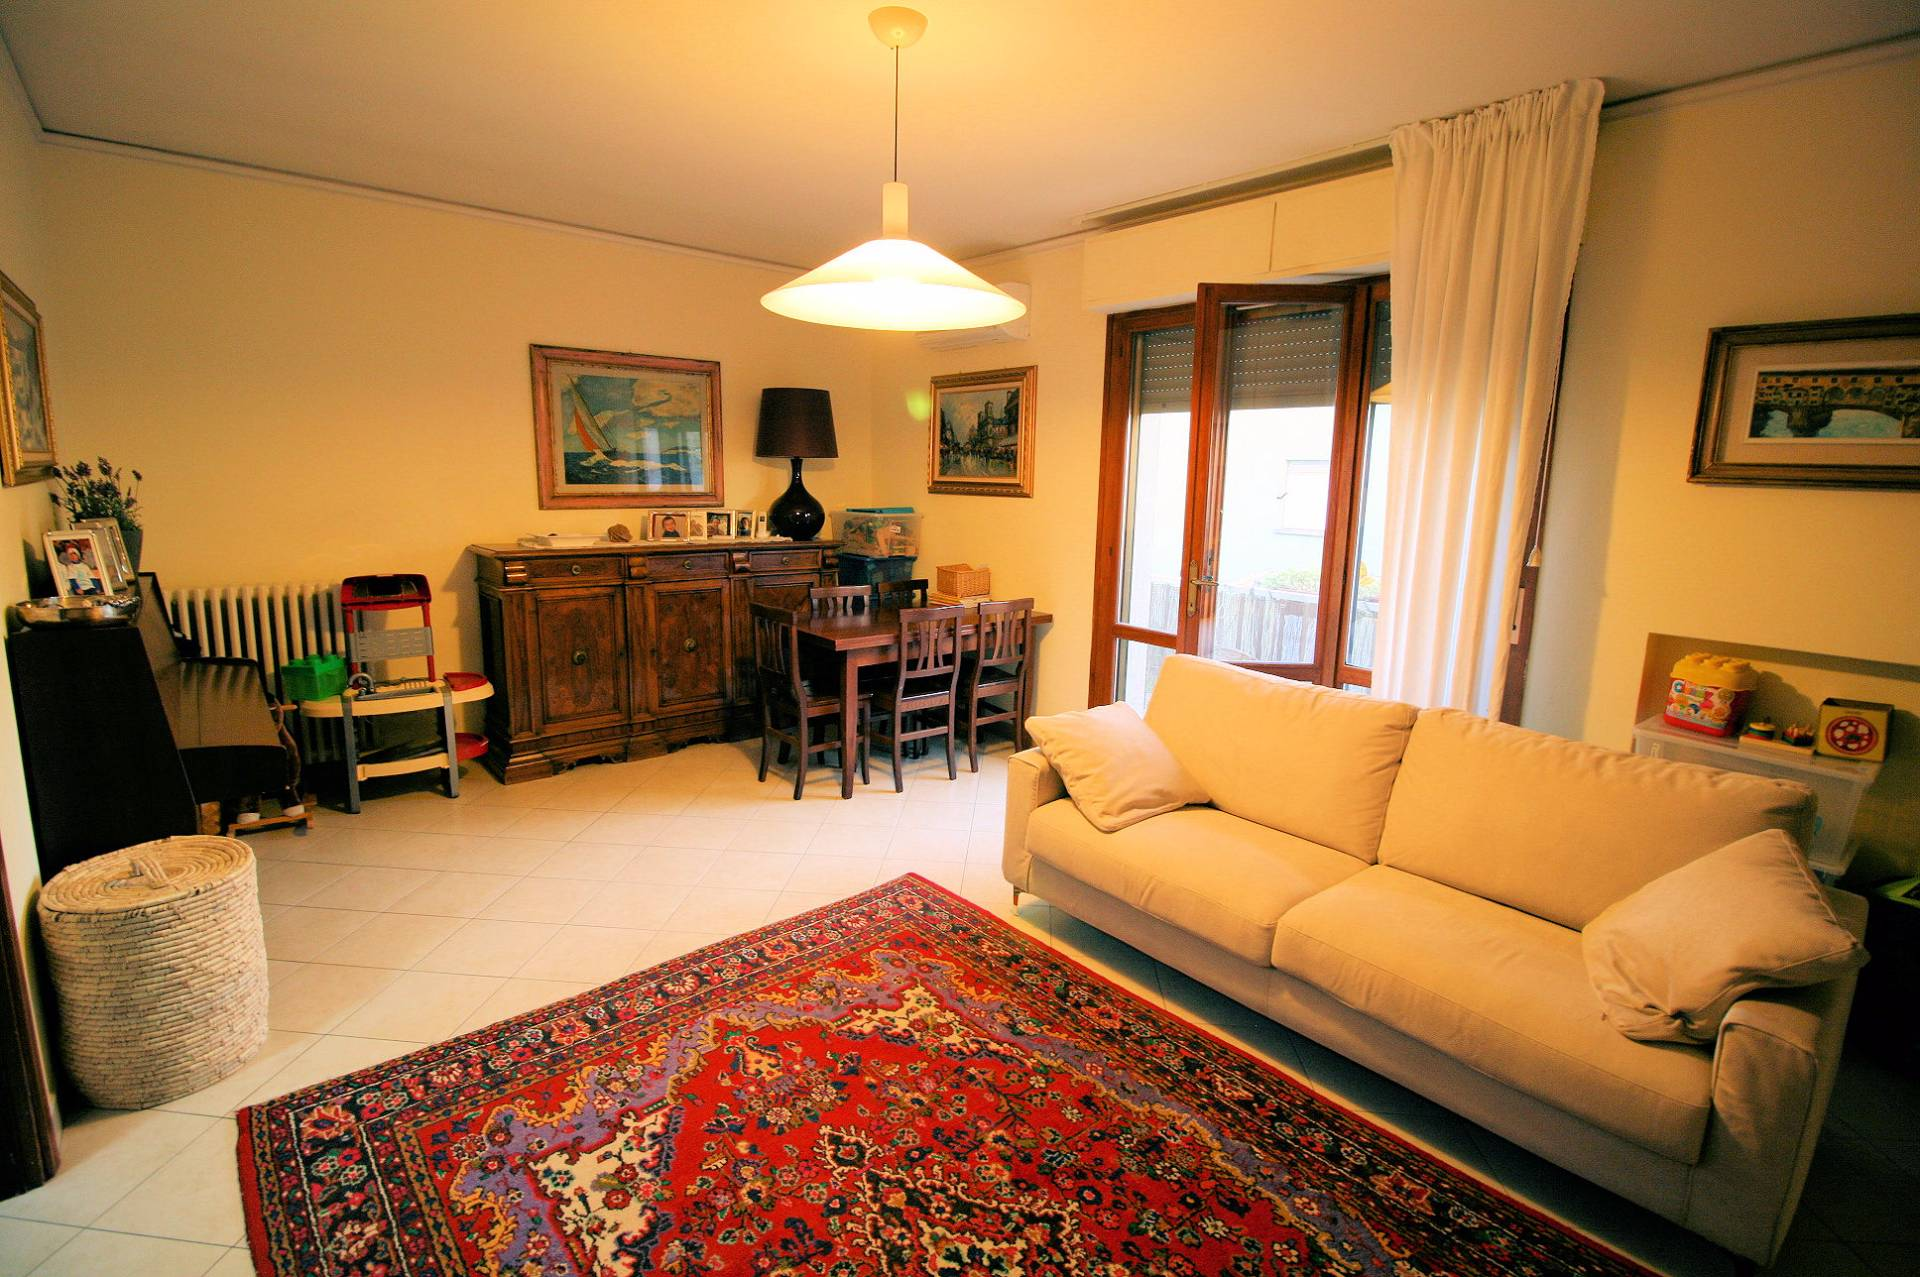 Appartamento in vendita a Montecatini-Terme, 5 locali, prezzo € 185.000 | Cambio Casa.it